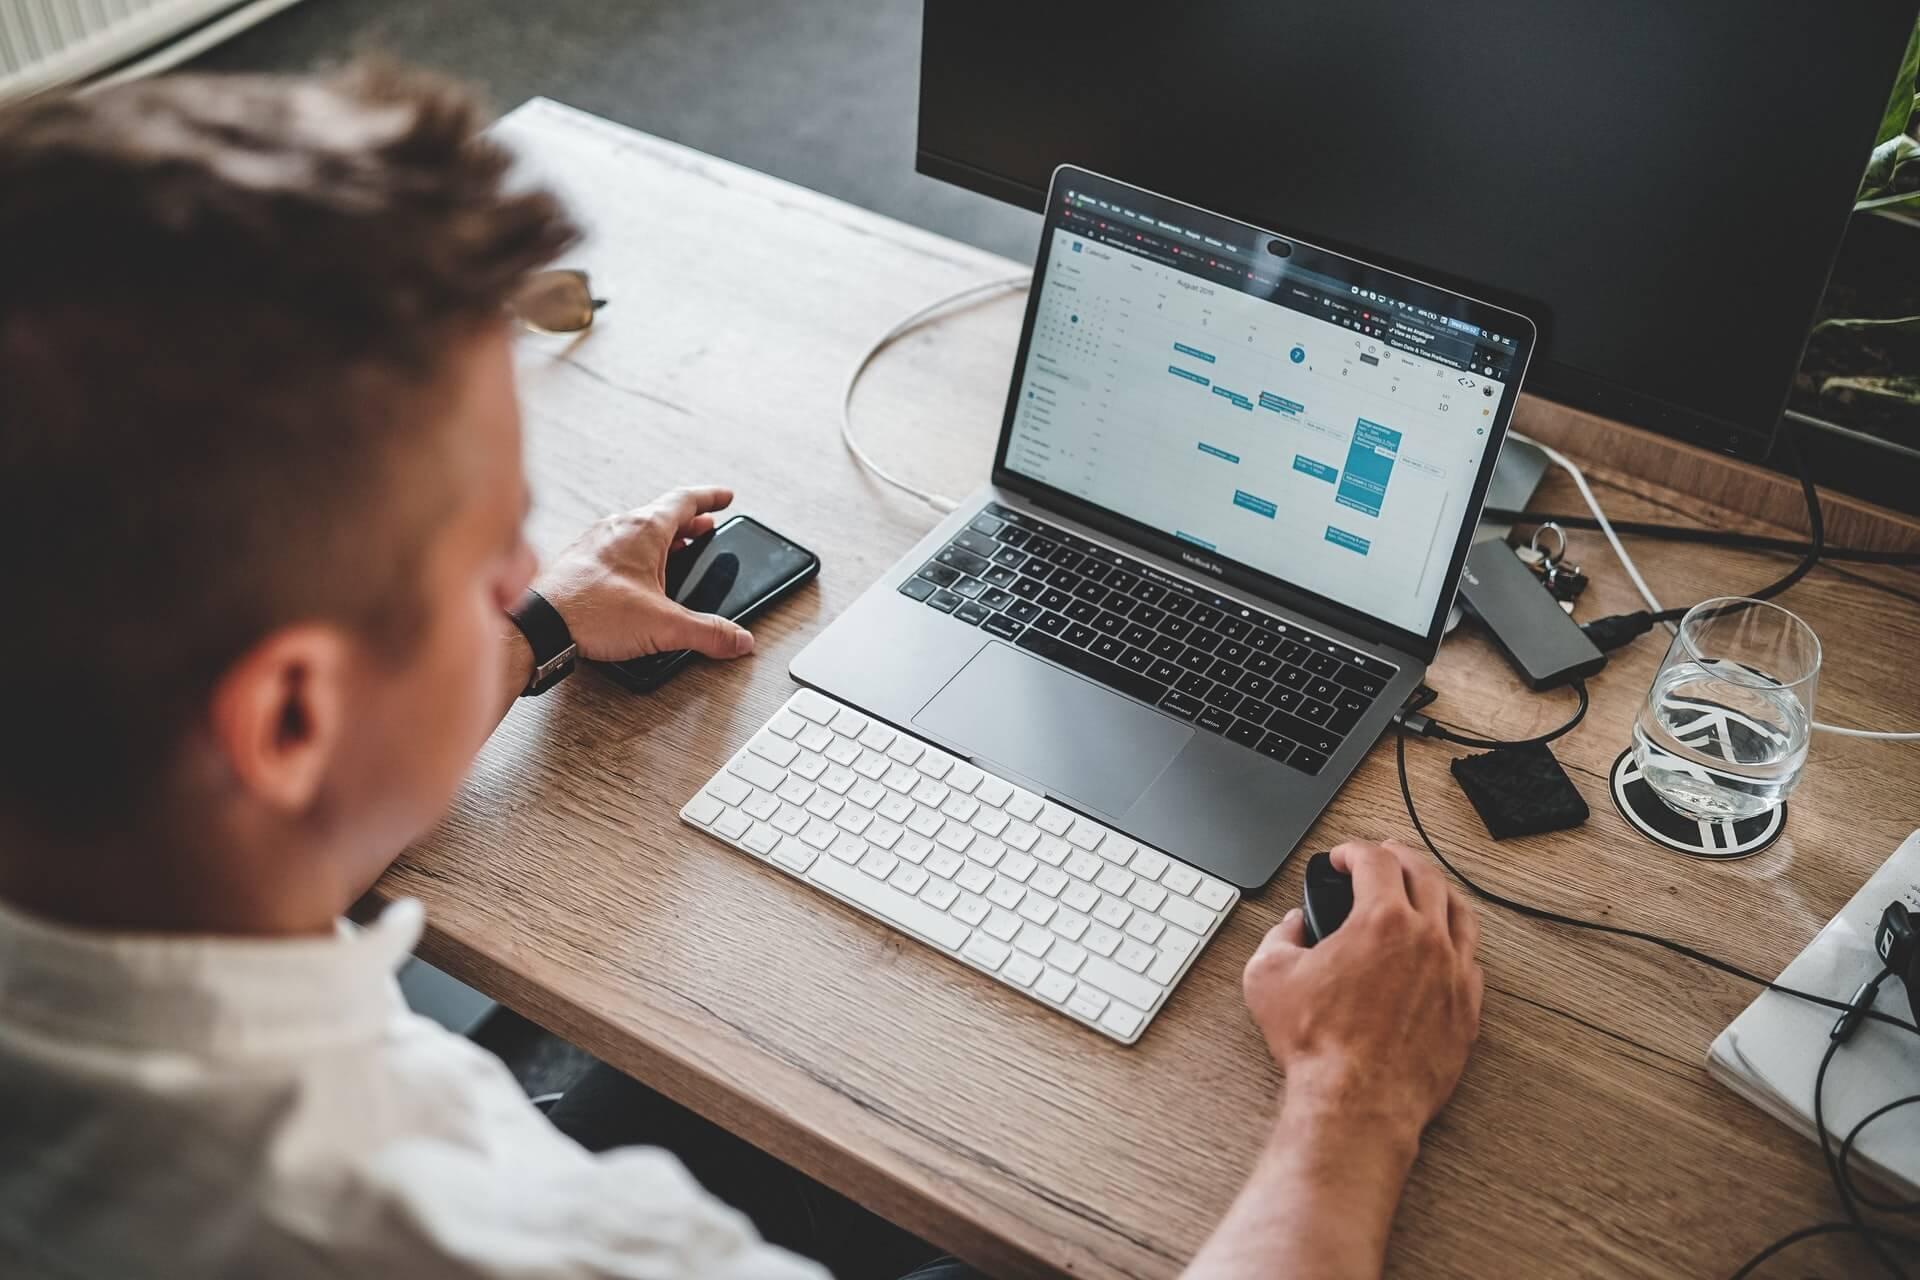 Can Sales Tools replace Sales Representatives?